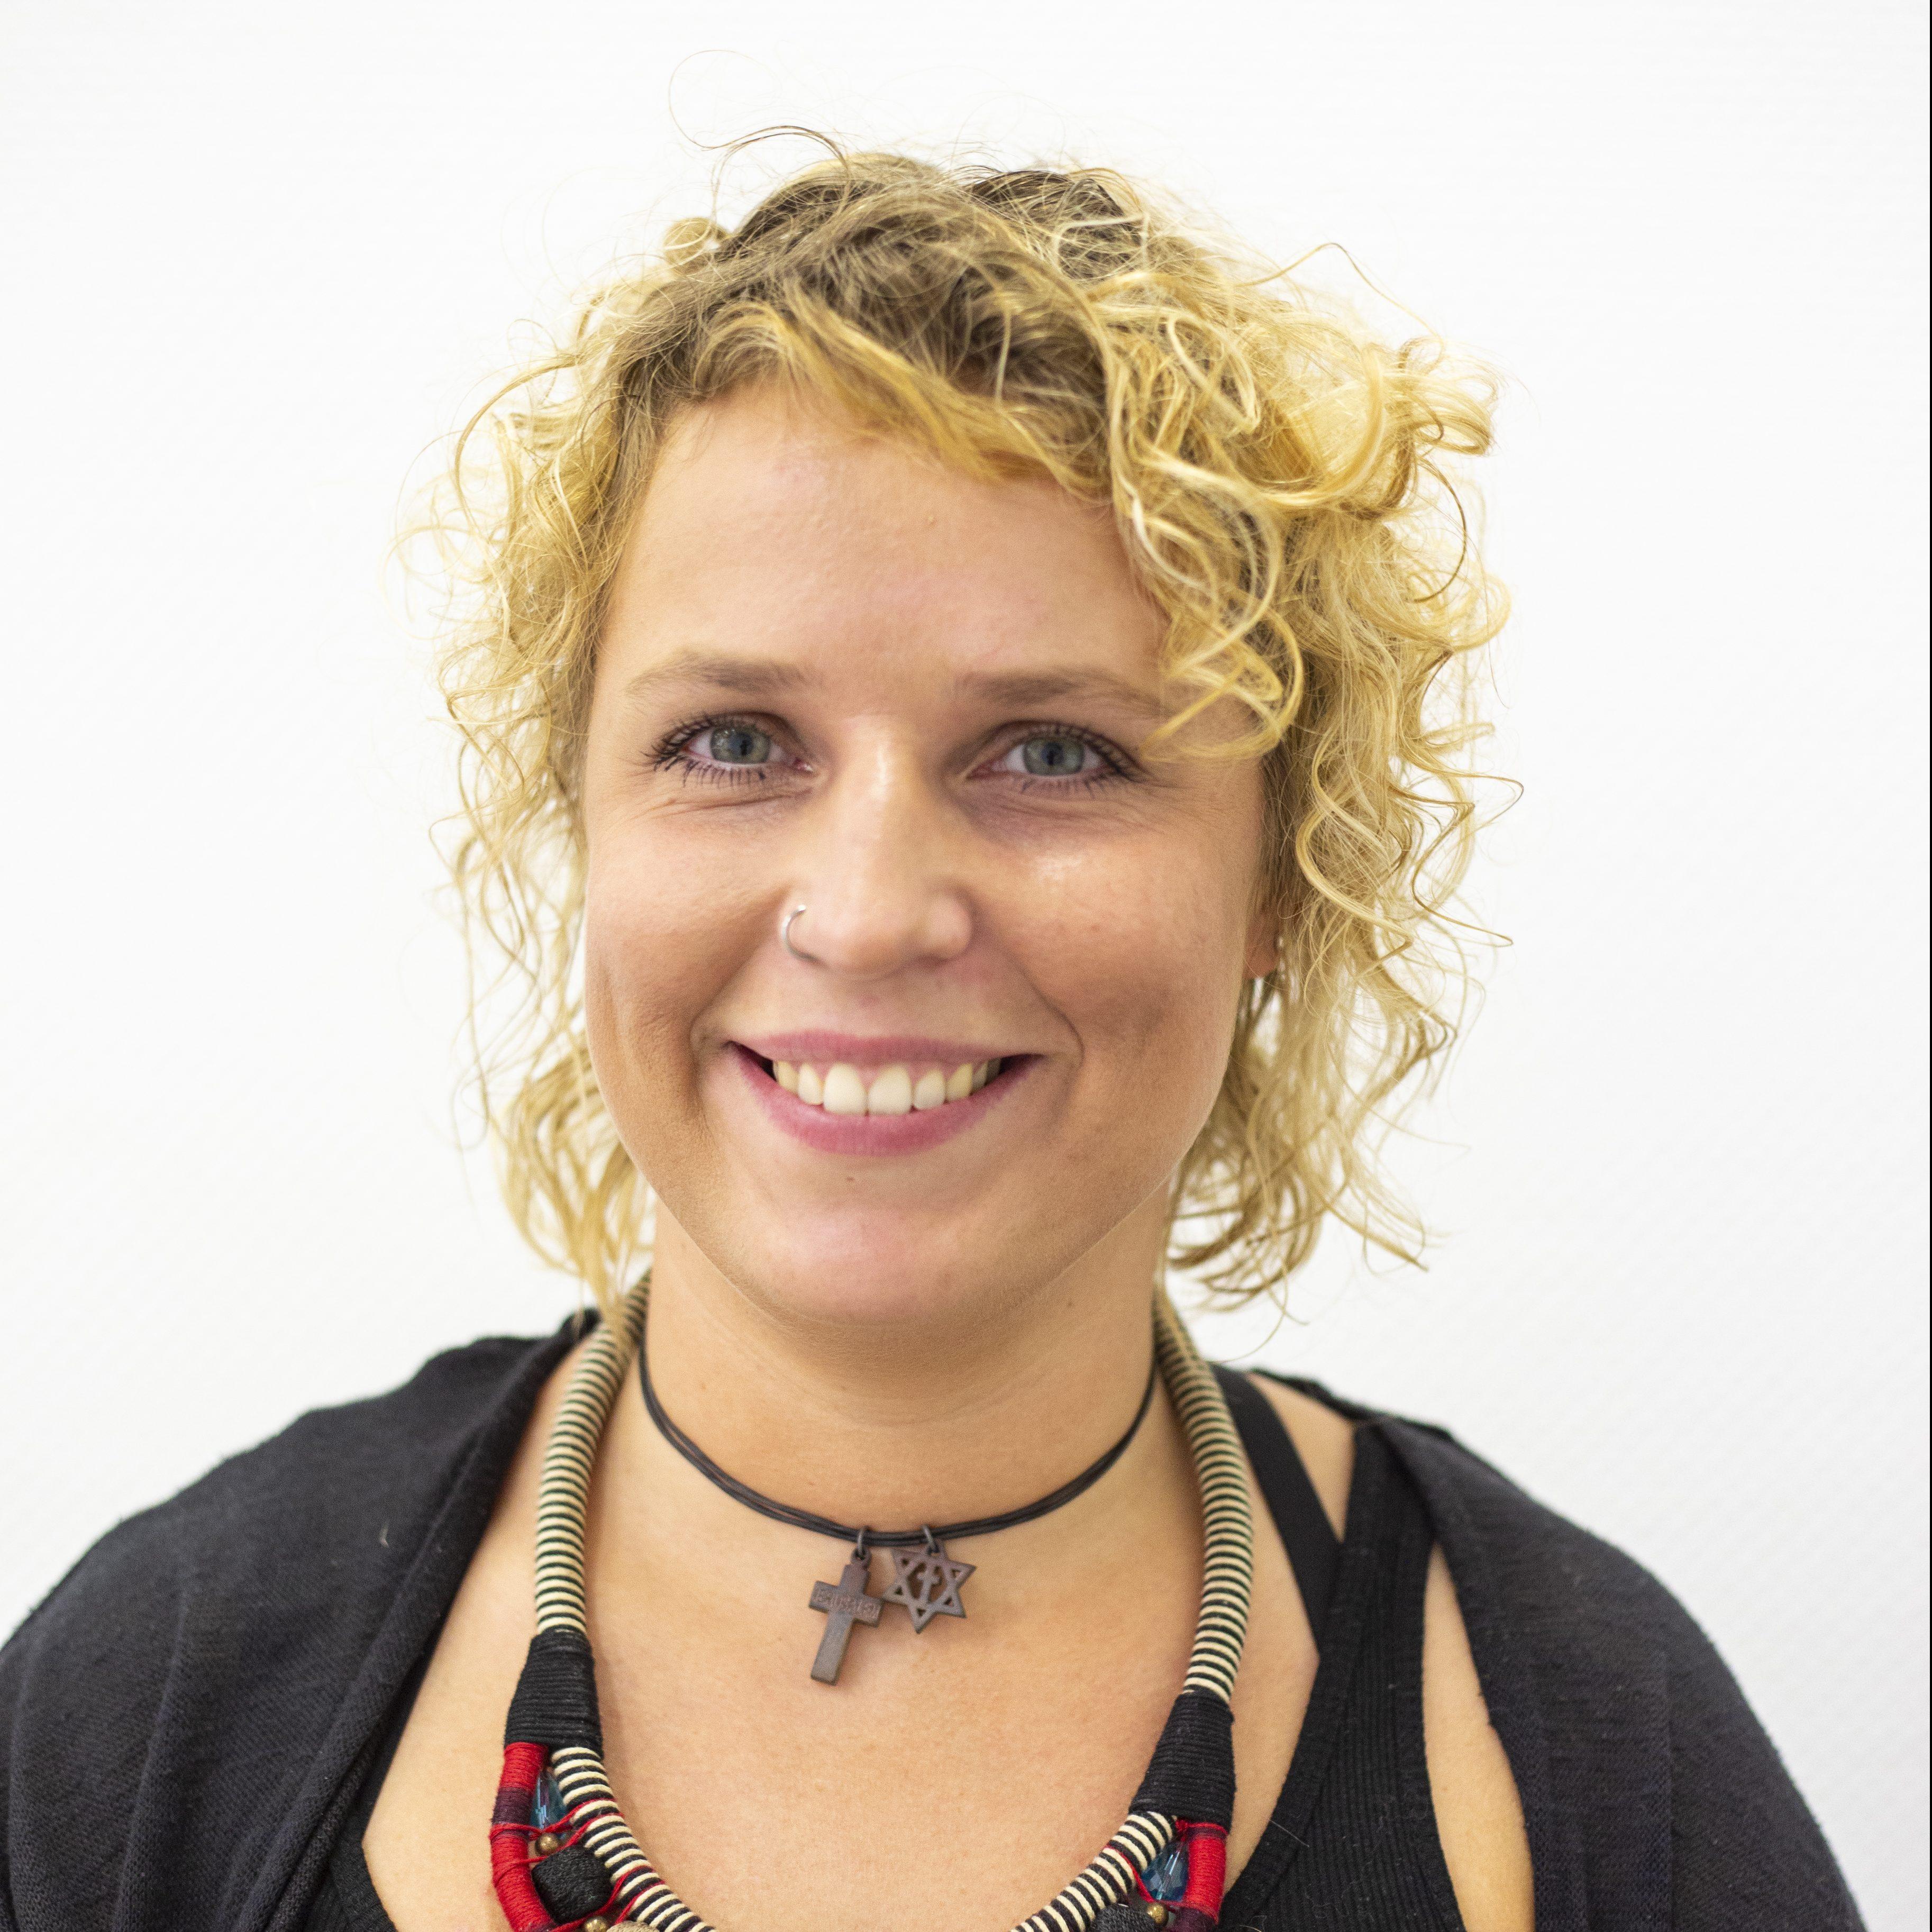 Christina Rautenstrauch